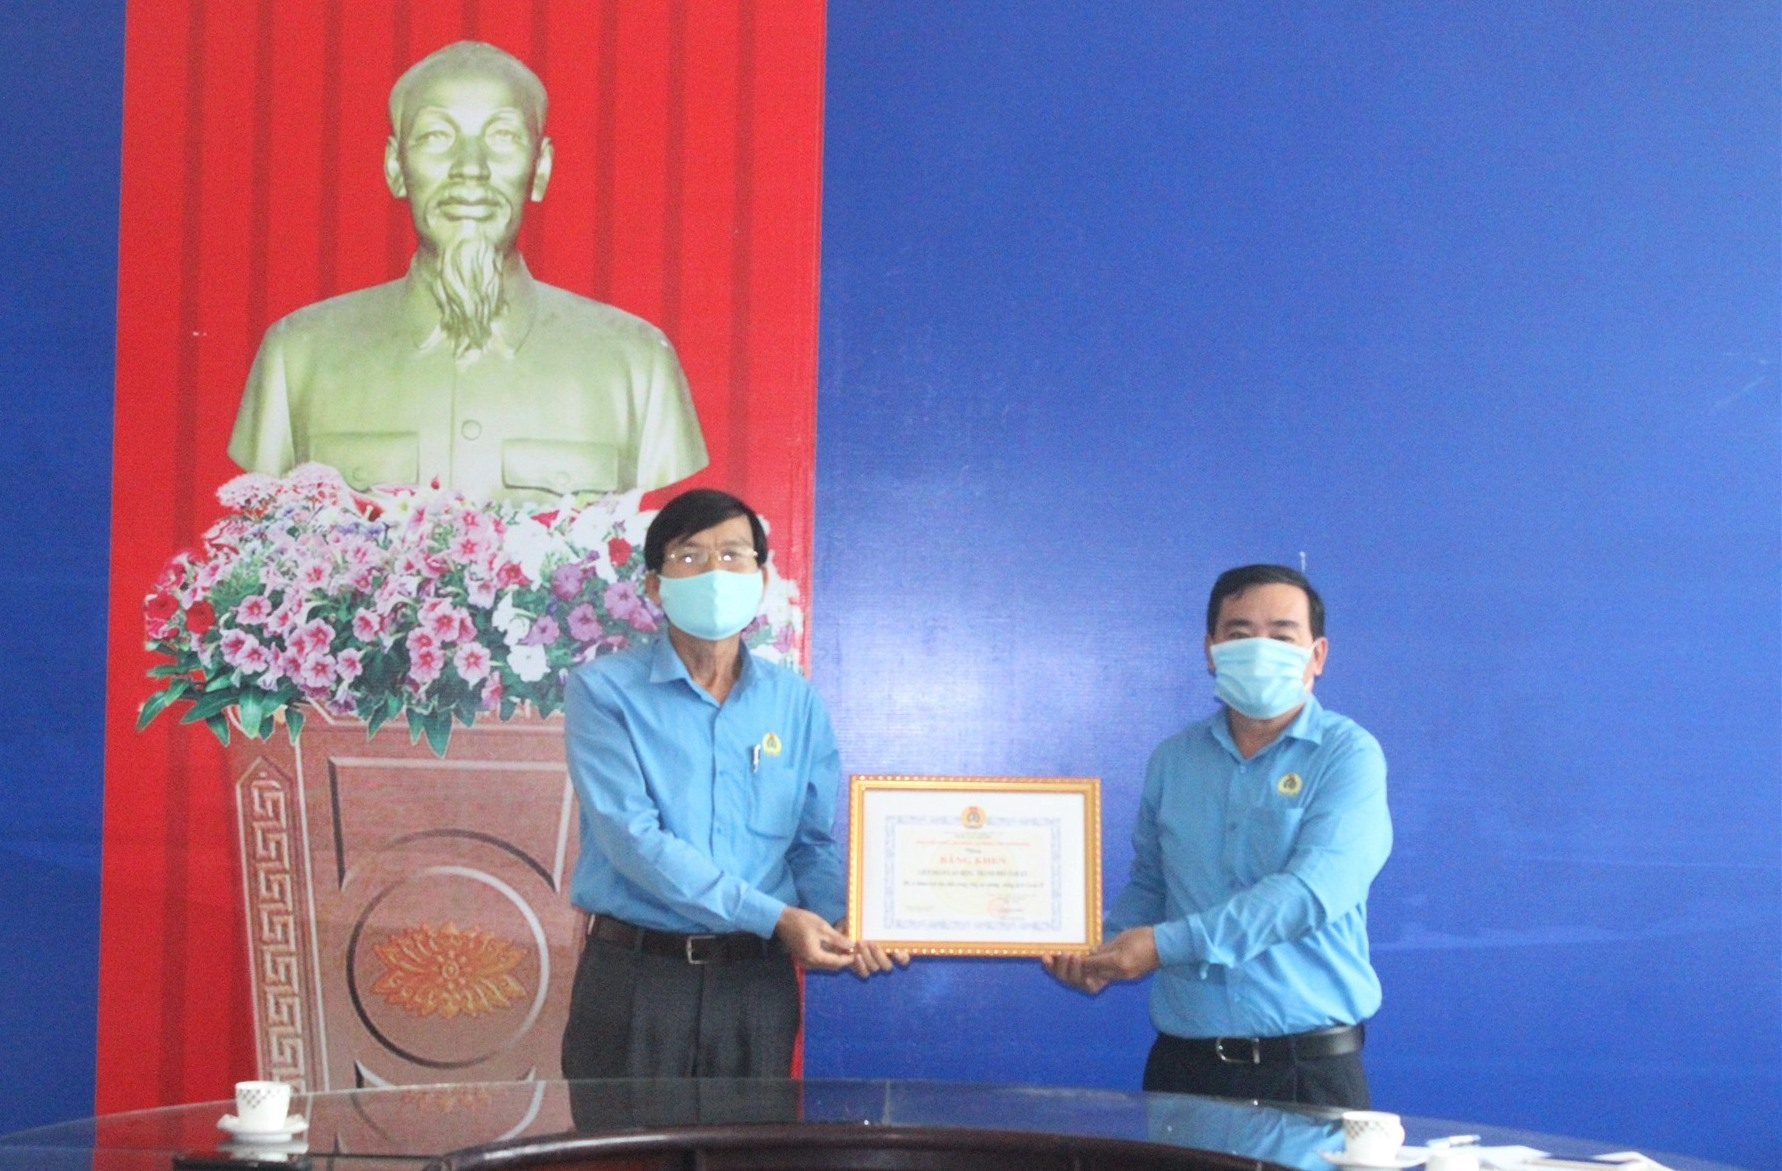 Ông Phan Xuân Quang - Chủ tịch LĐLĐ tỉnh tặng Bằng khen cho LĐLĐ TP.Tam Kỳ. Ảnh: D.L